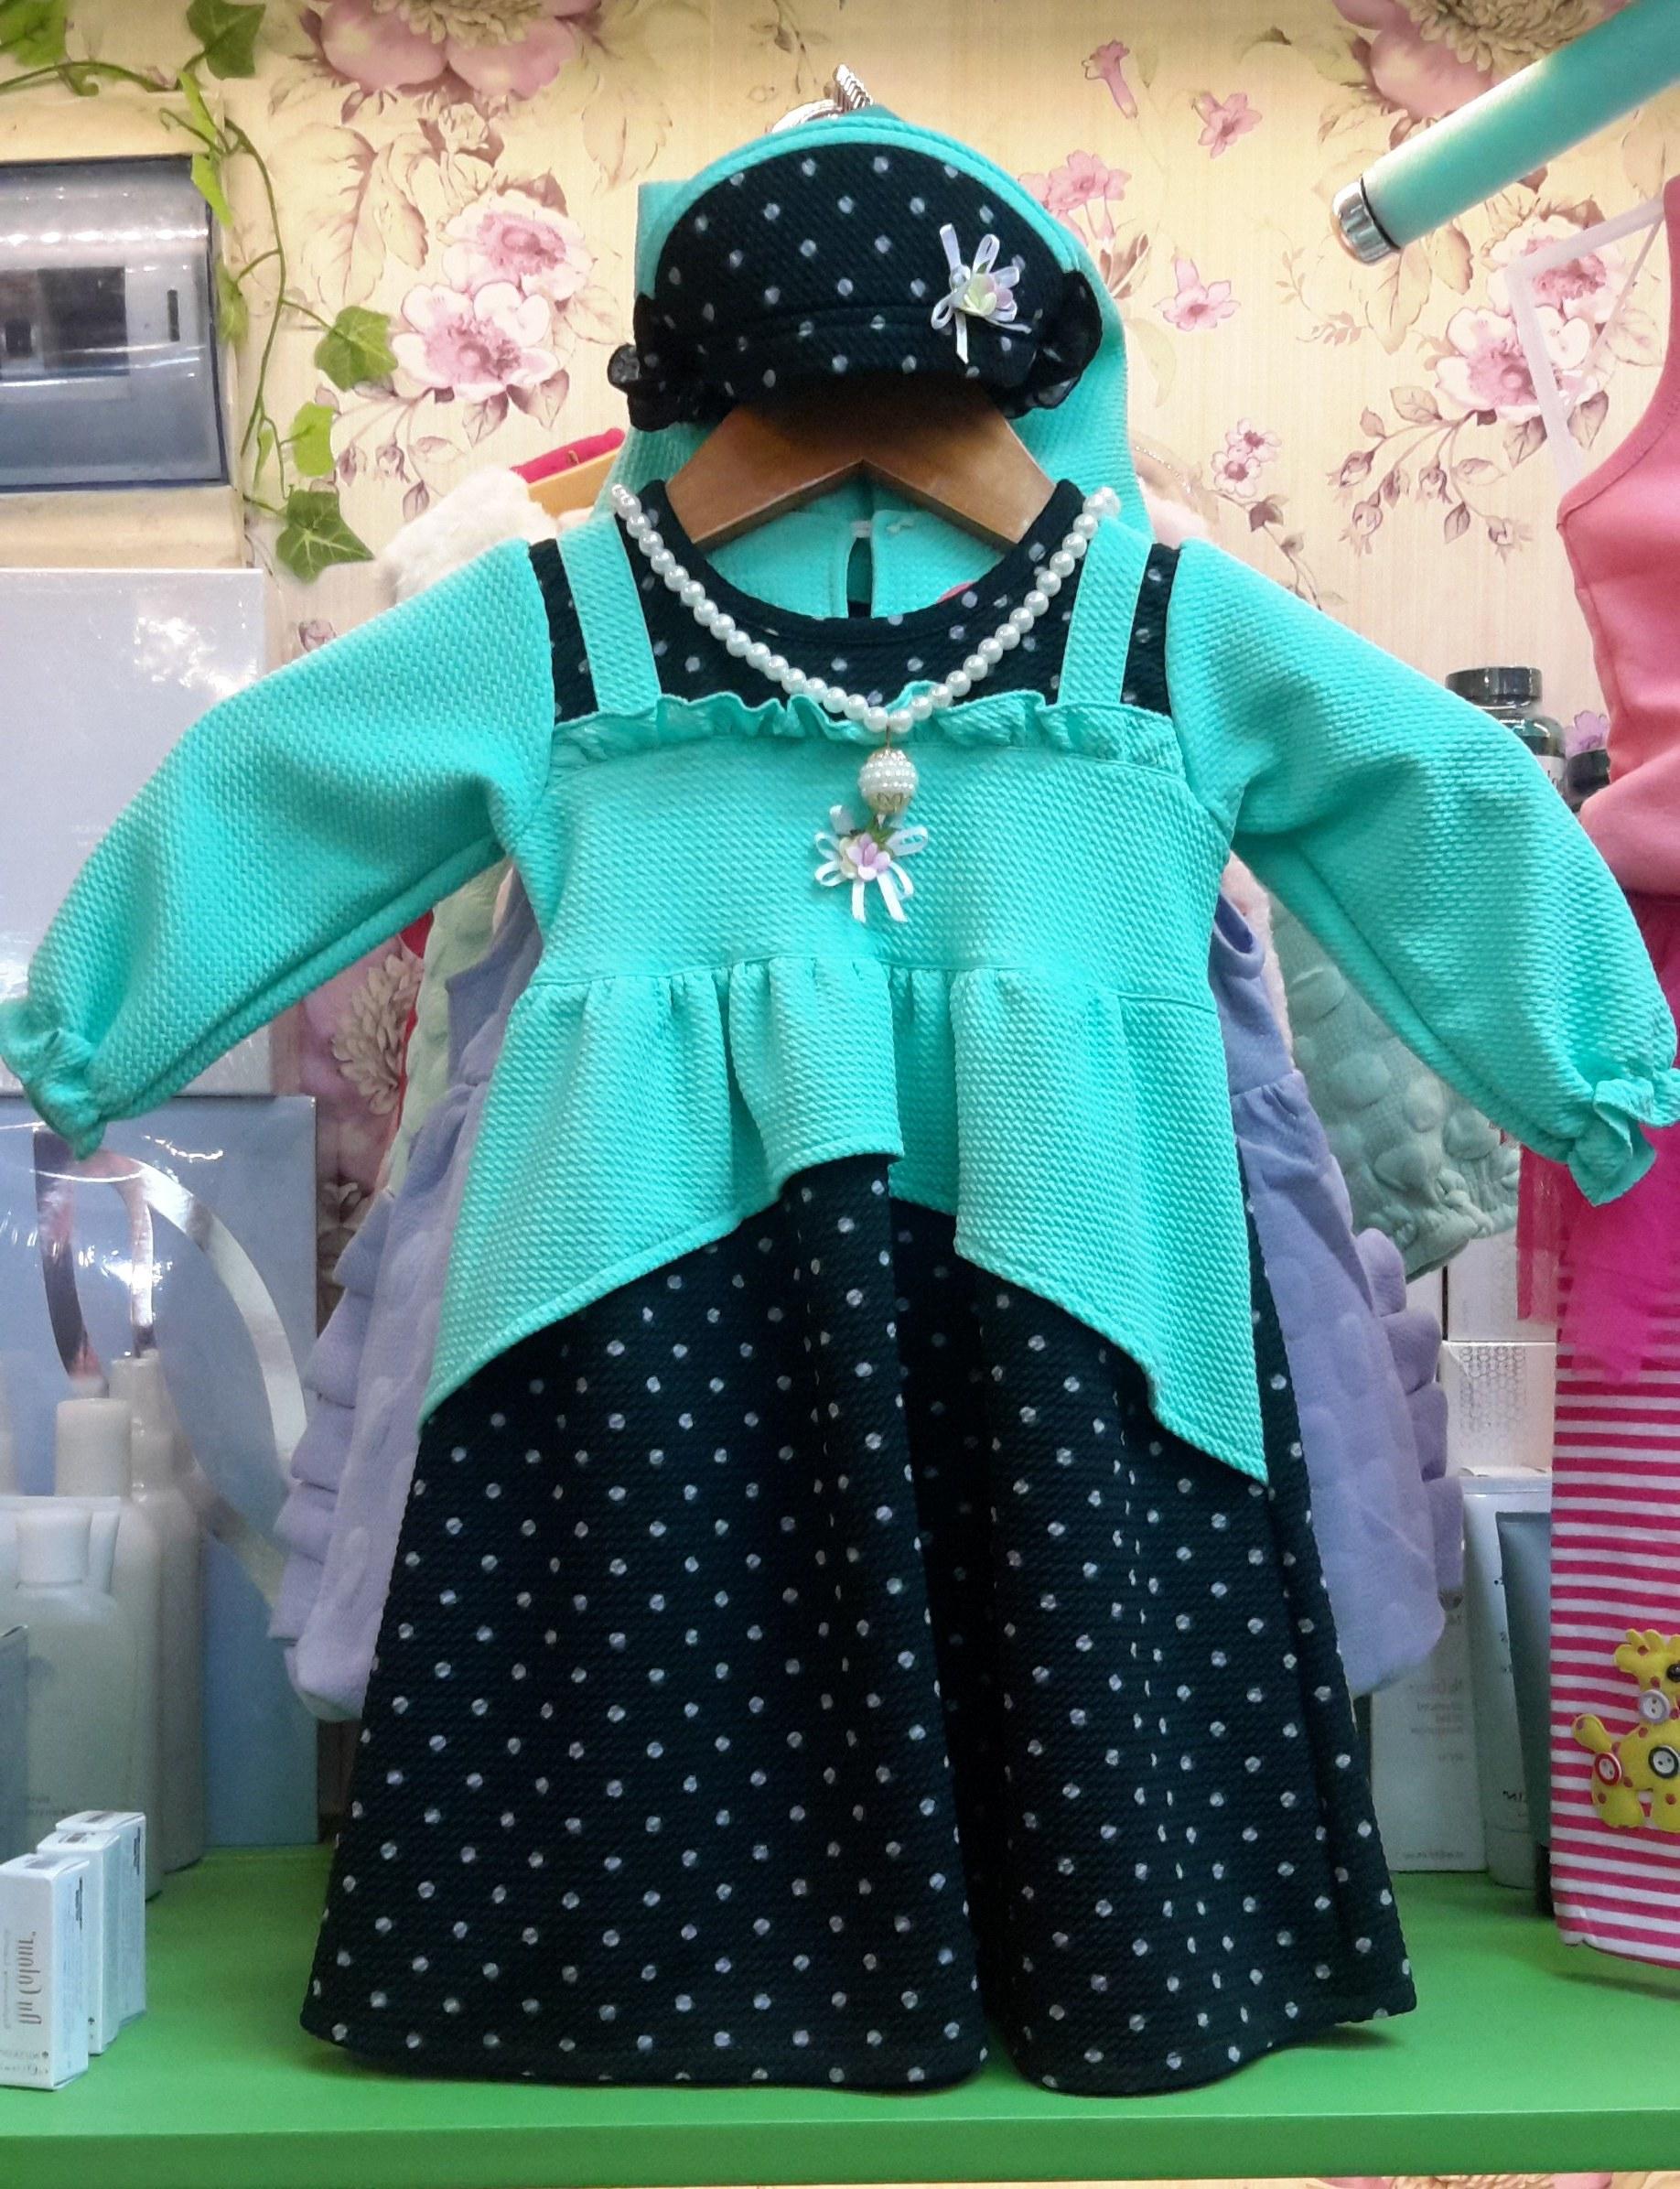 Ide Baju Lebaran Bayi Perempuan 4pde Jual Gamis Anak Perempuan Baju Muslim Bayi Baju Lebaran